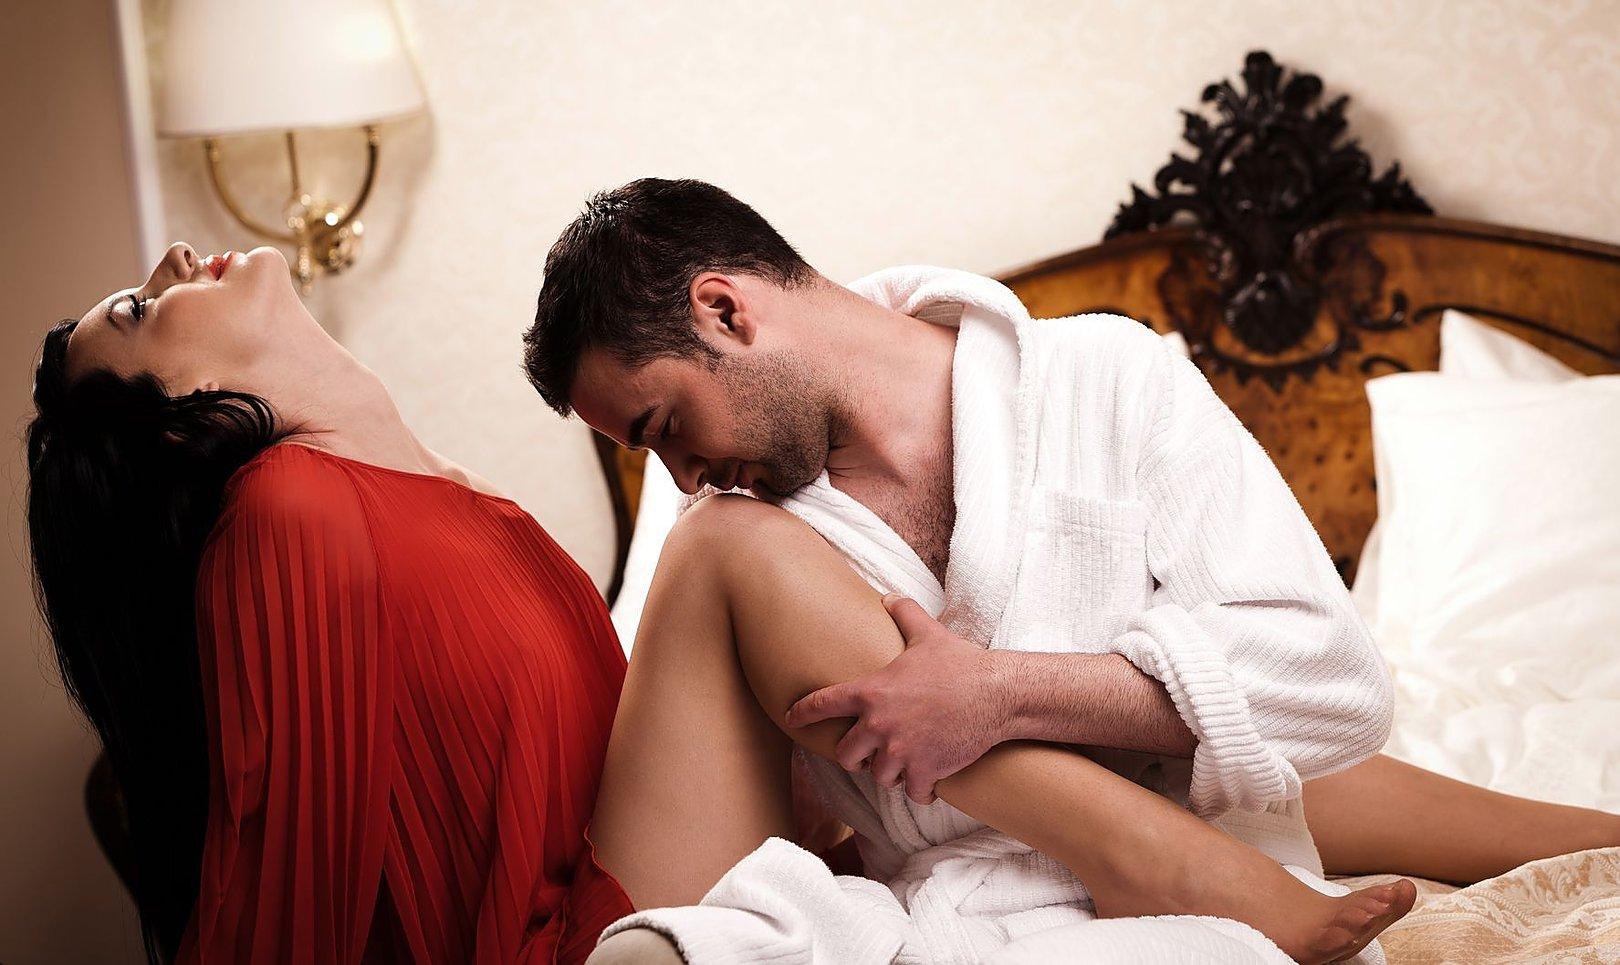 Целует жене ноги, Муж целует ноги жене, которую ебет любовник - смотрите 18 фотография